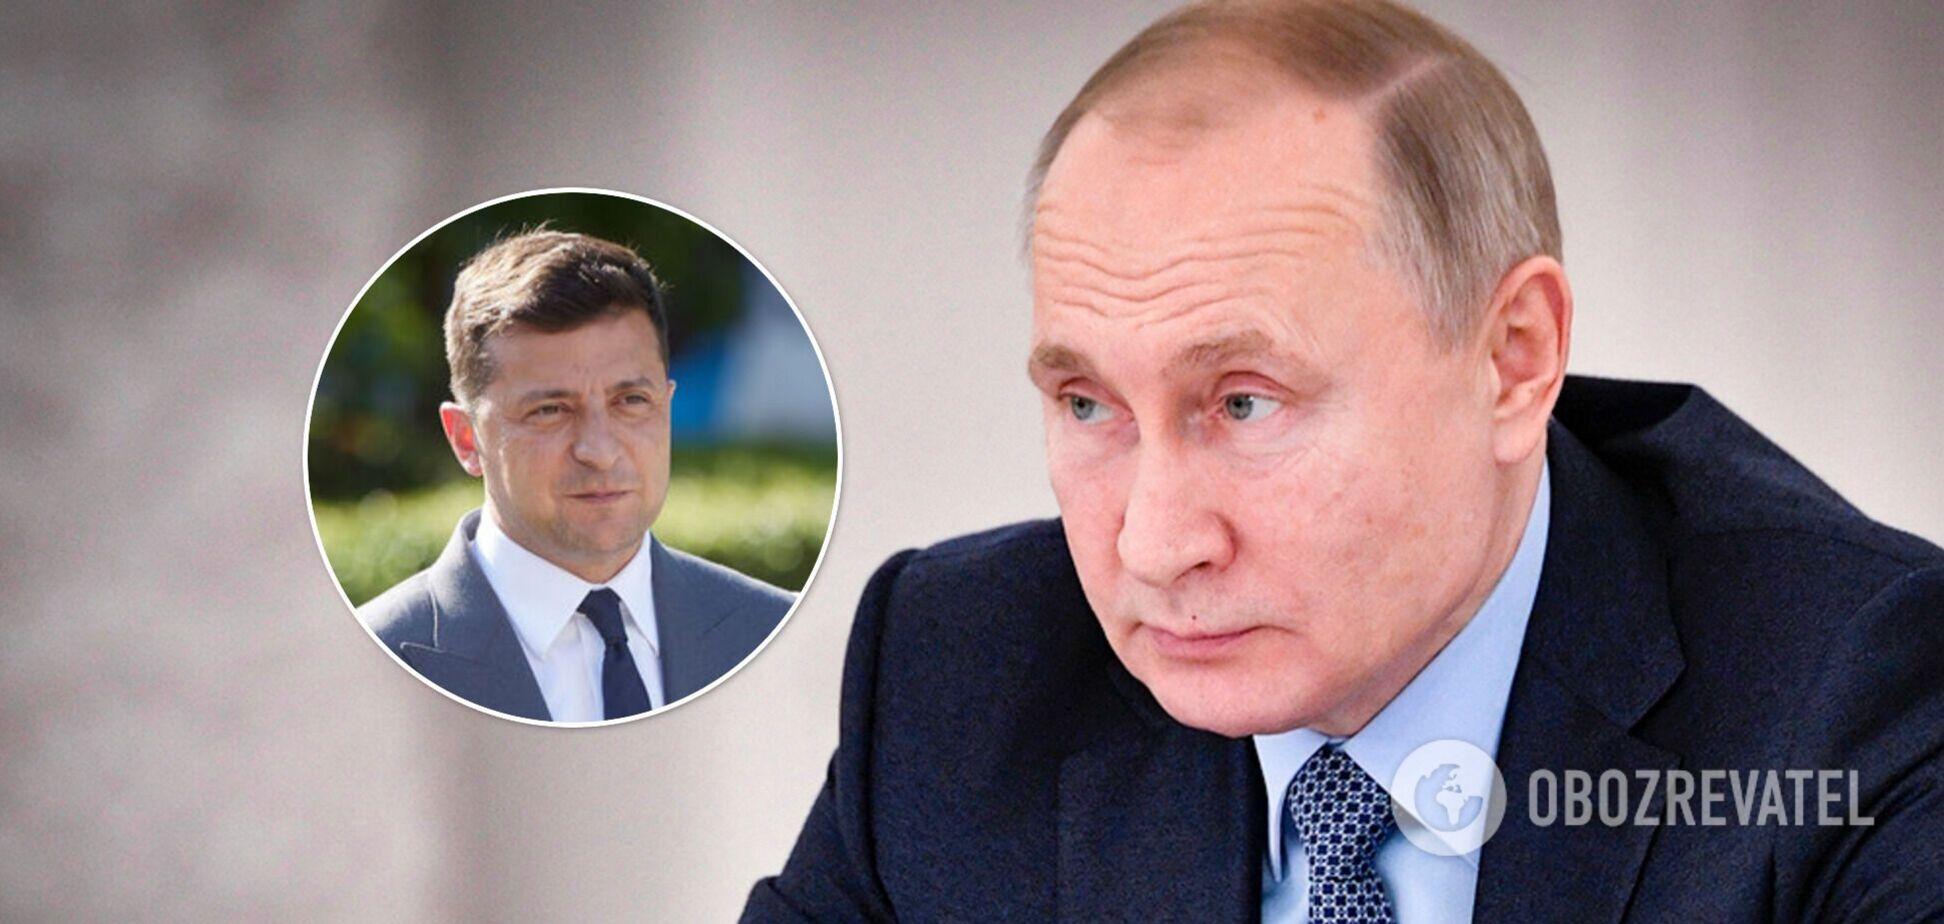 Путин заявил о передаче Украины под полное внешнее управление